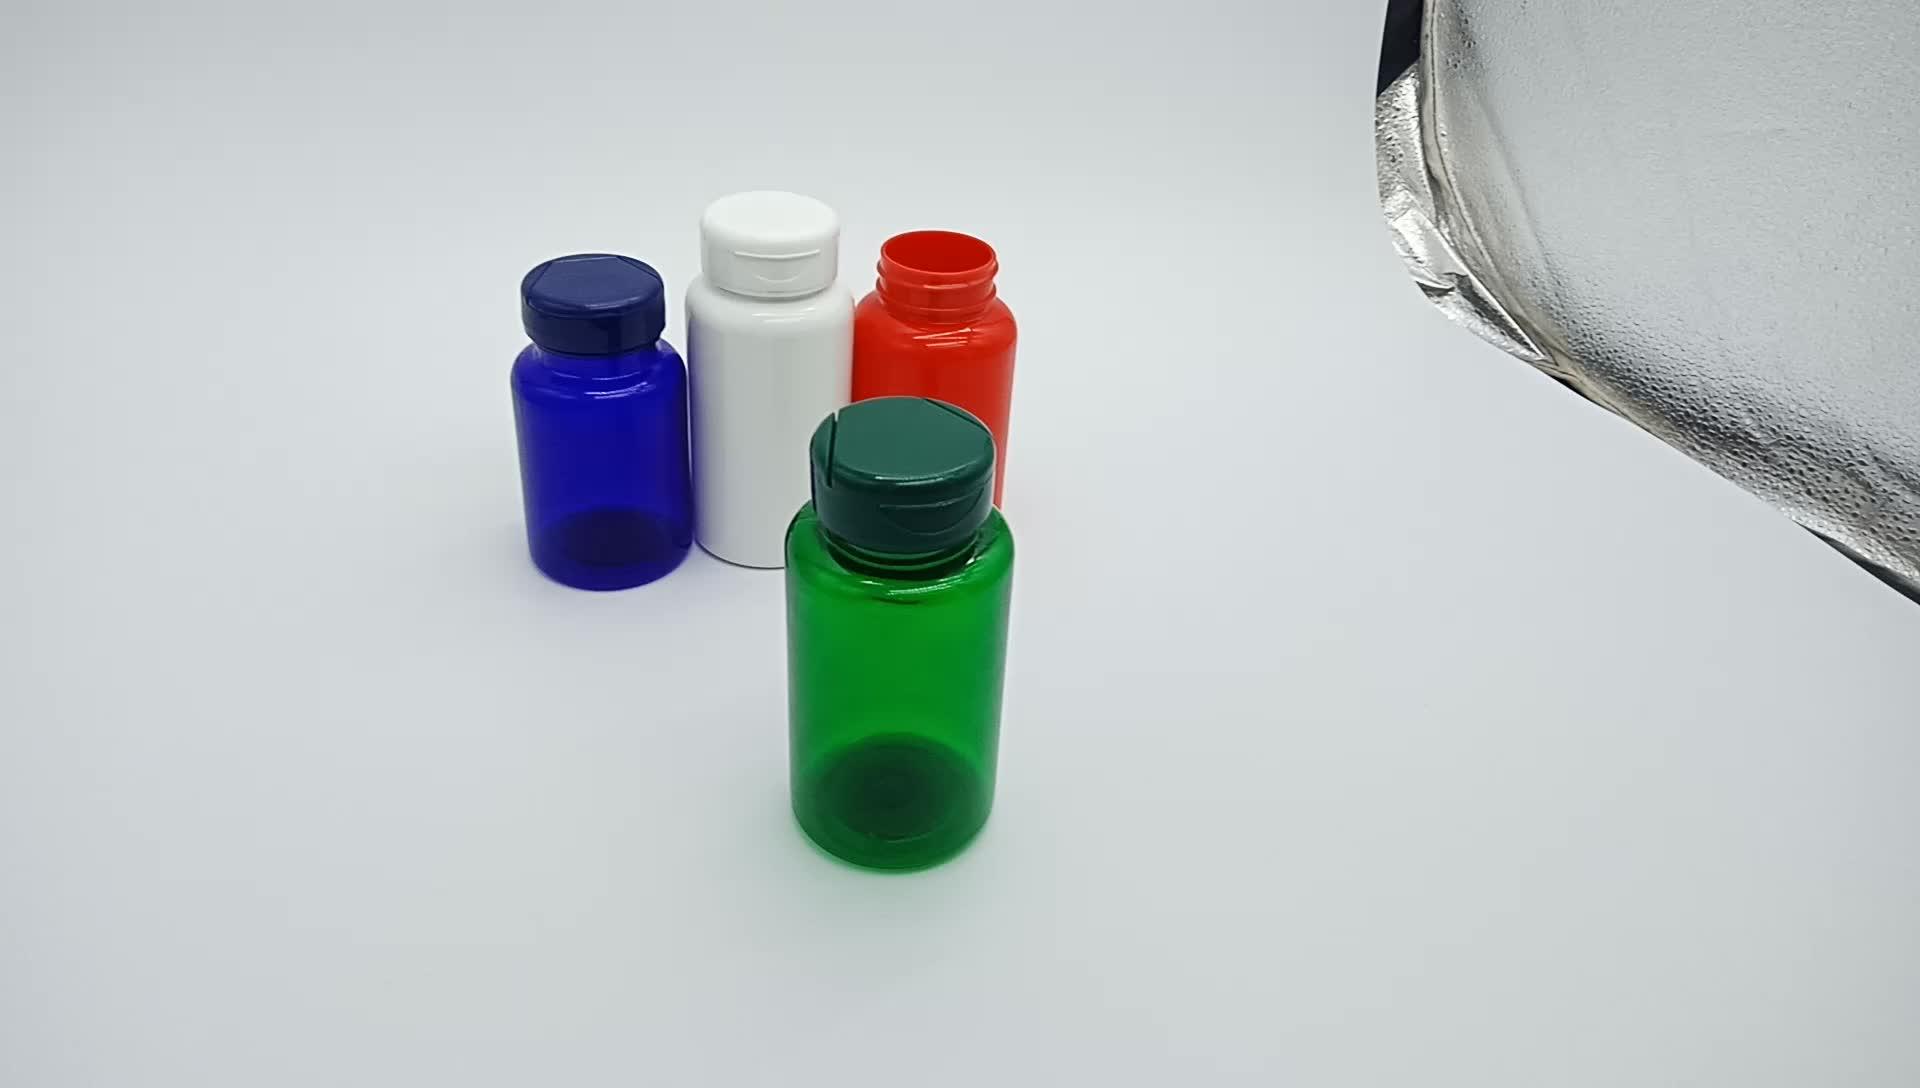 Comprimido de vitamina cápsula de garrafa PET com tampa de alumínio de 120 ml PET vazia garrafa de prescrição medicina recipiente de plástico fornecedor